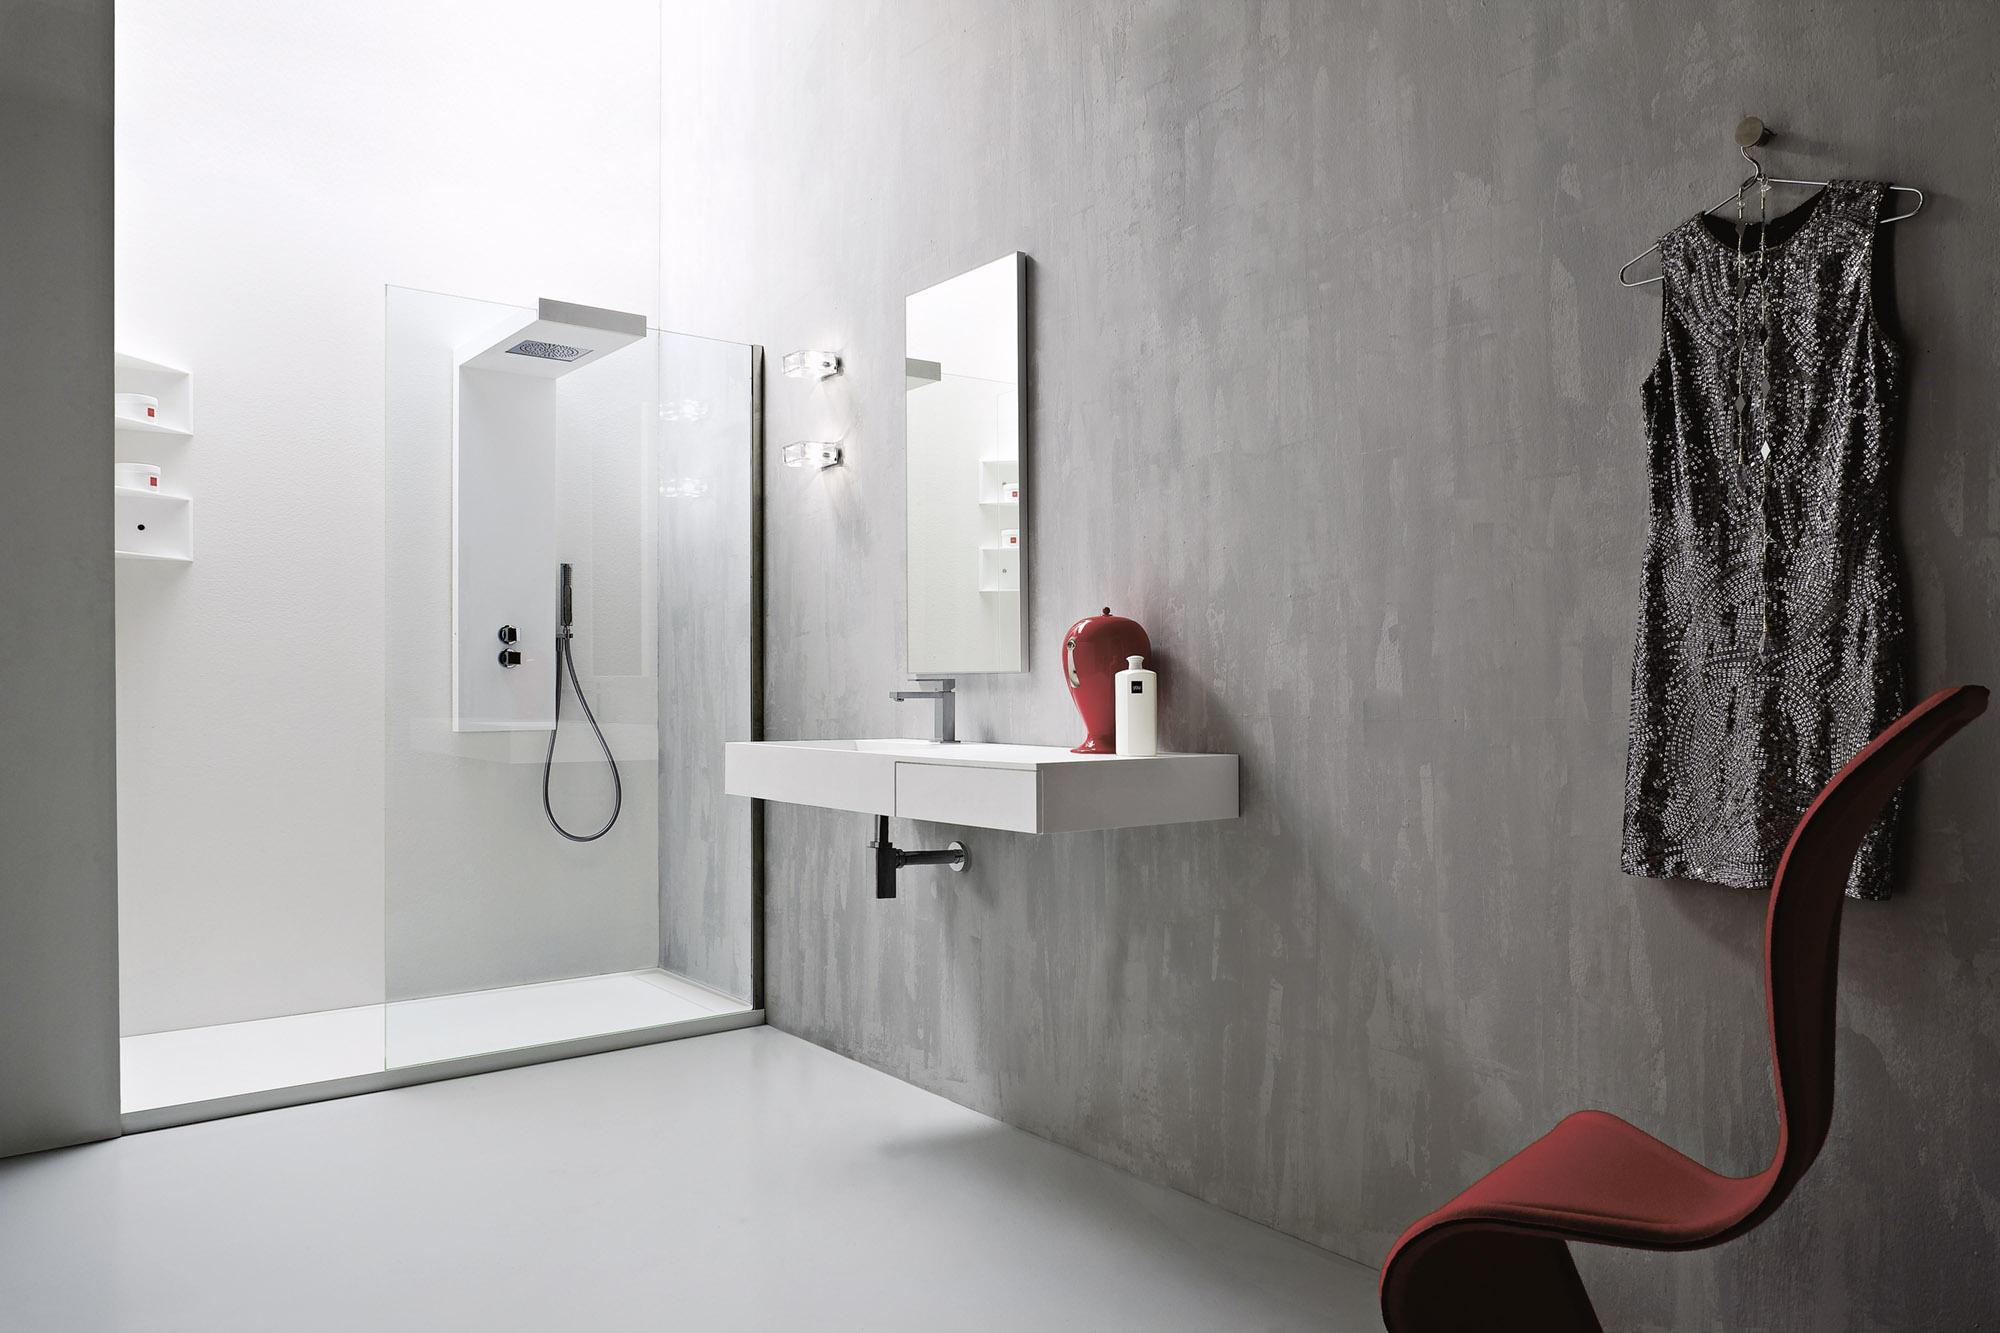 argo douche receveur et fermeture pare douches de rexa design architonic. Black Bedroom Furniture Sets. Home Design Ideas